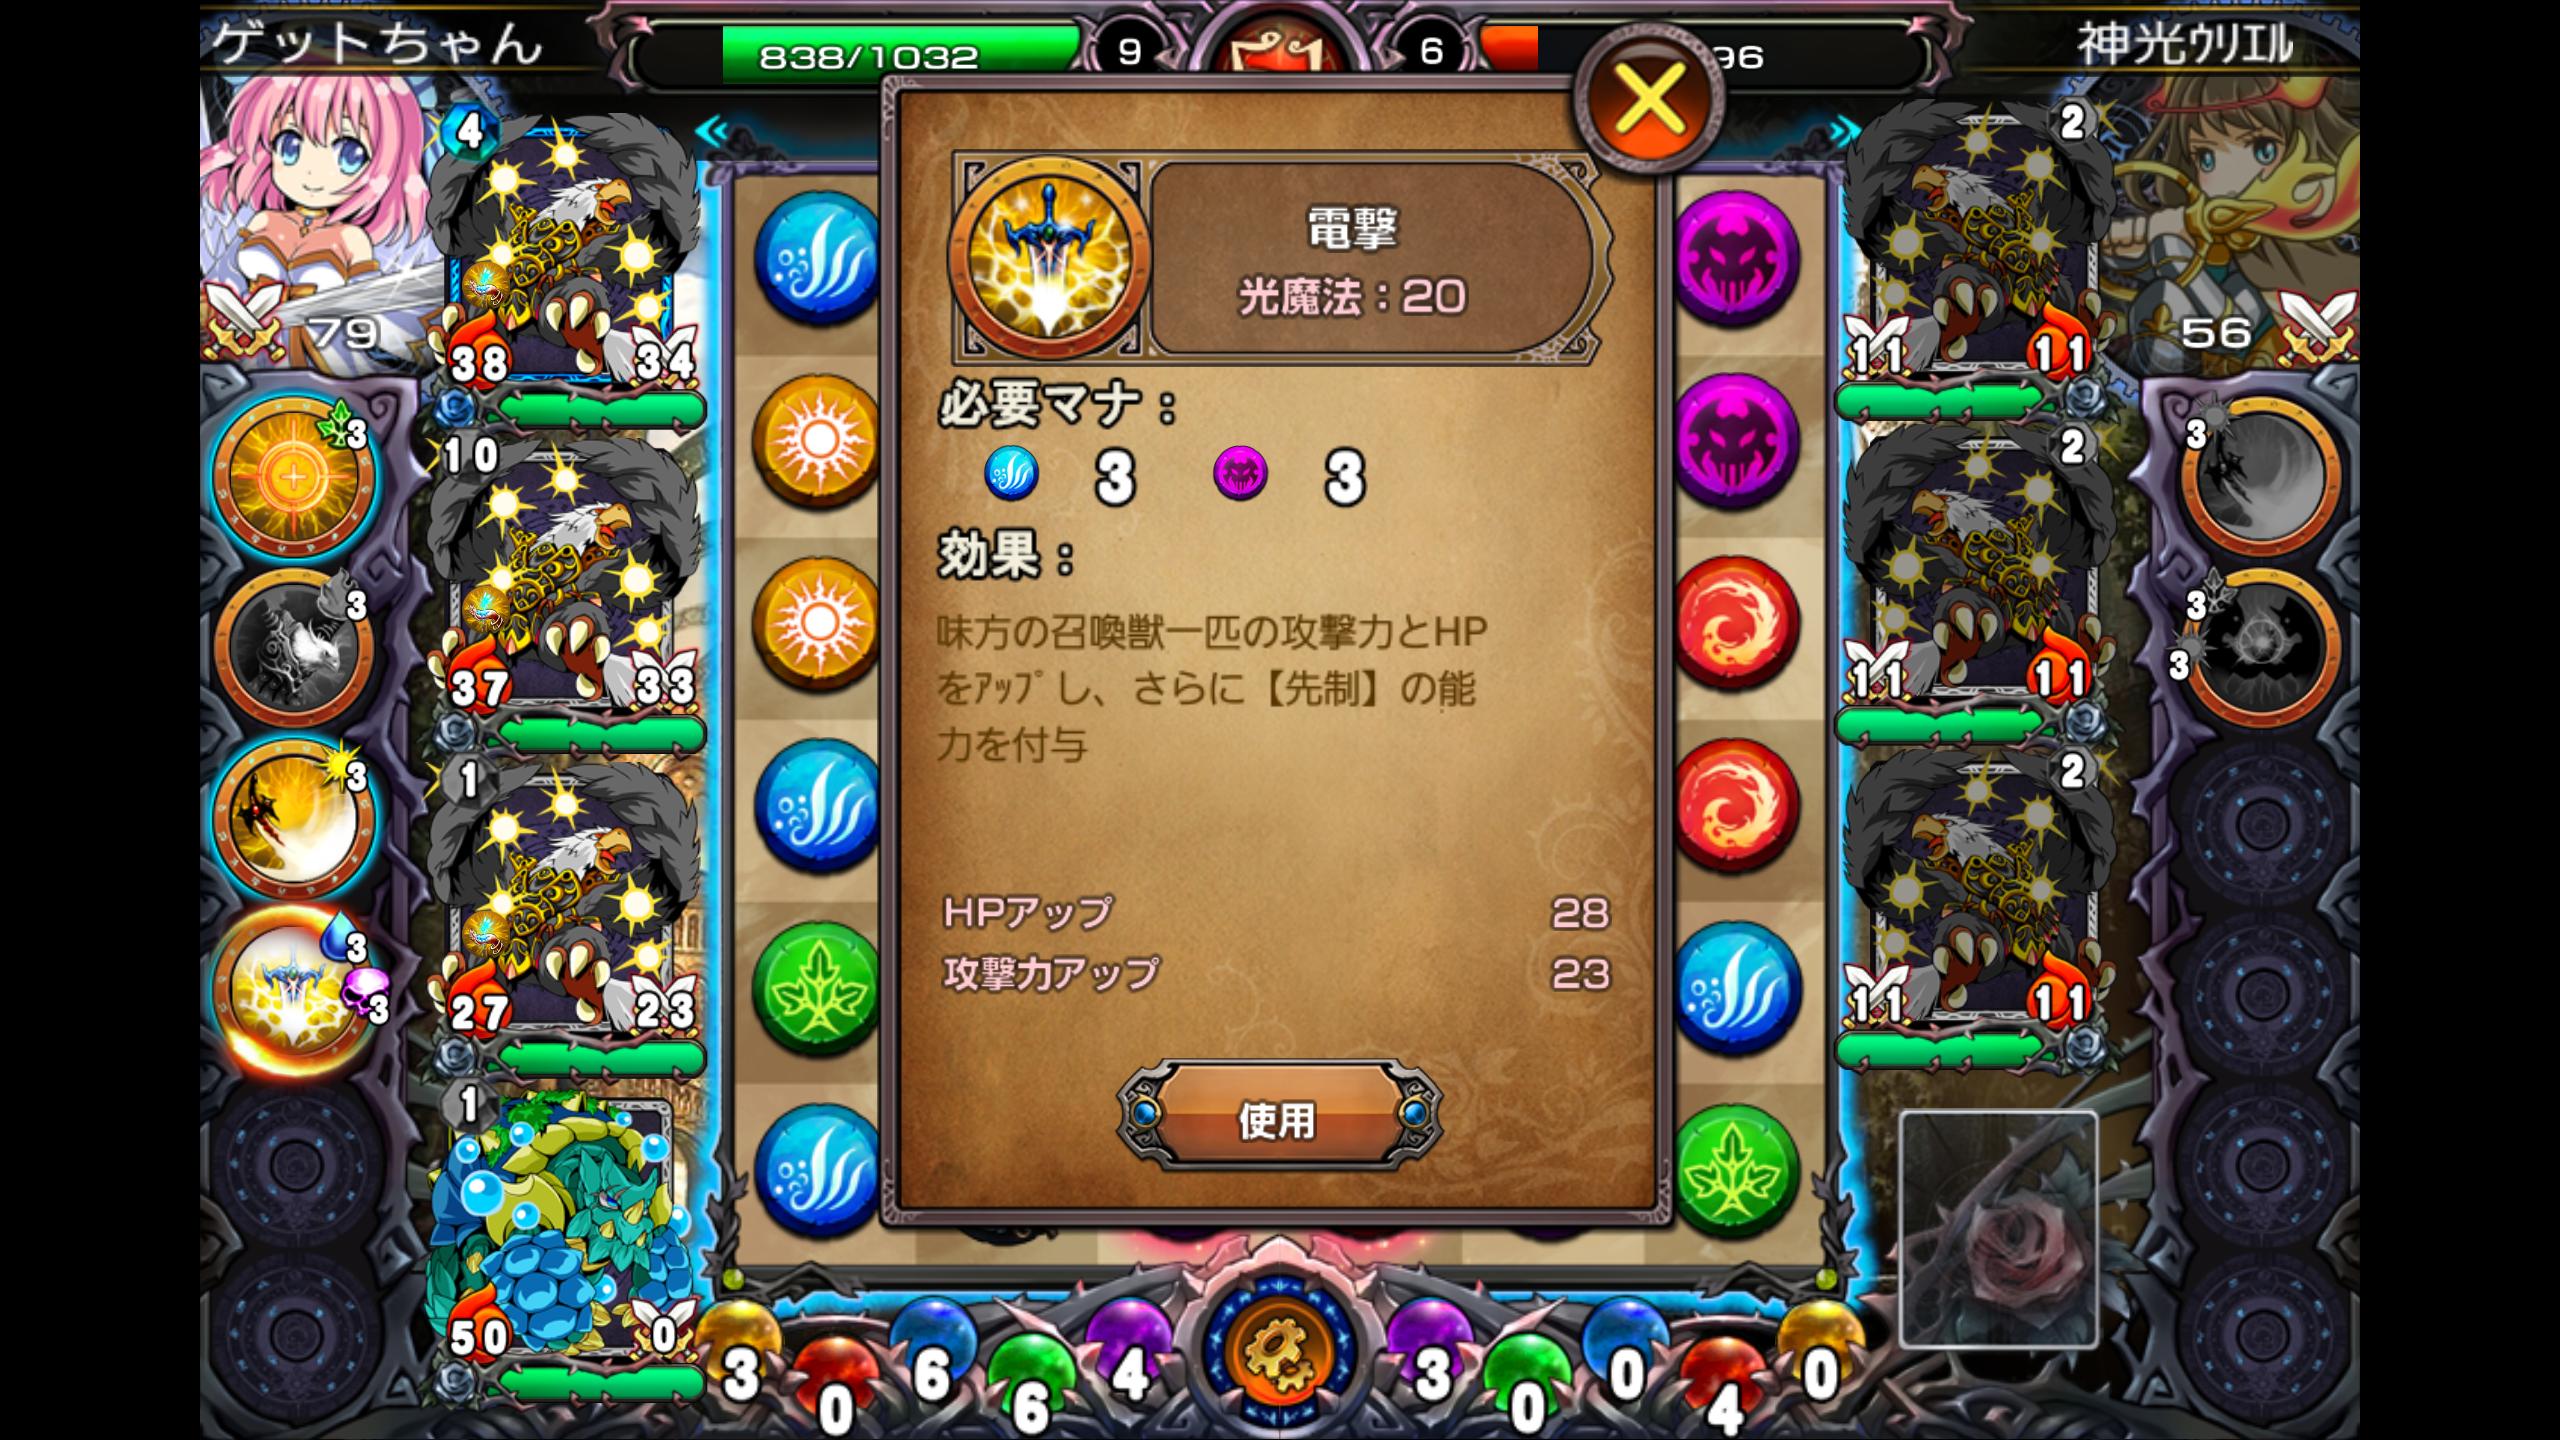 オルタナマジック-魔女戦記 androidアプリスクリーンショット2